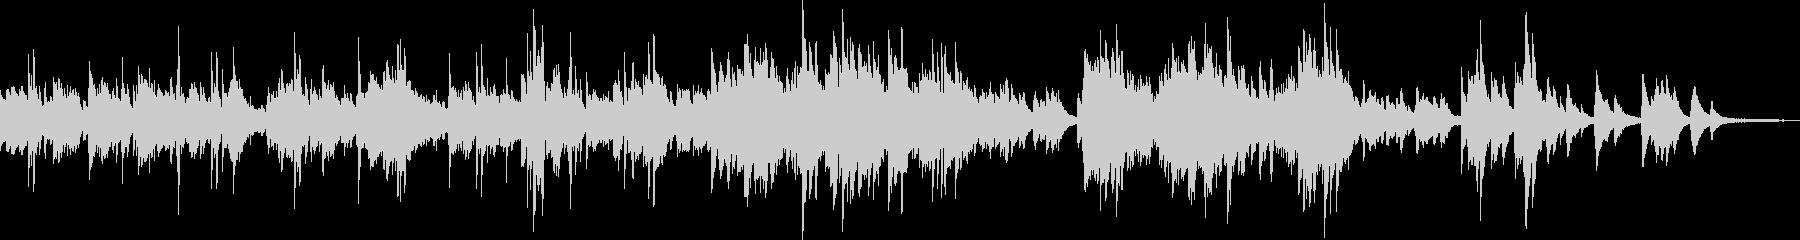 安らぎのピアノ曲(優しい・幻想的・光) の未再生の波形